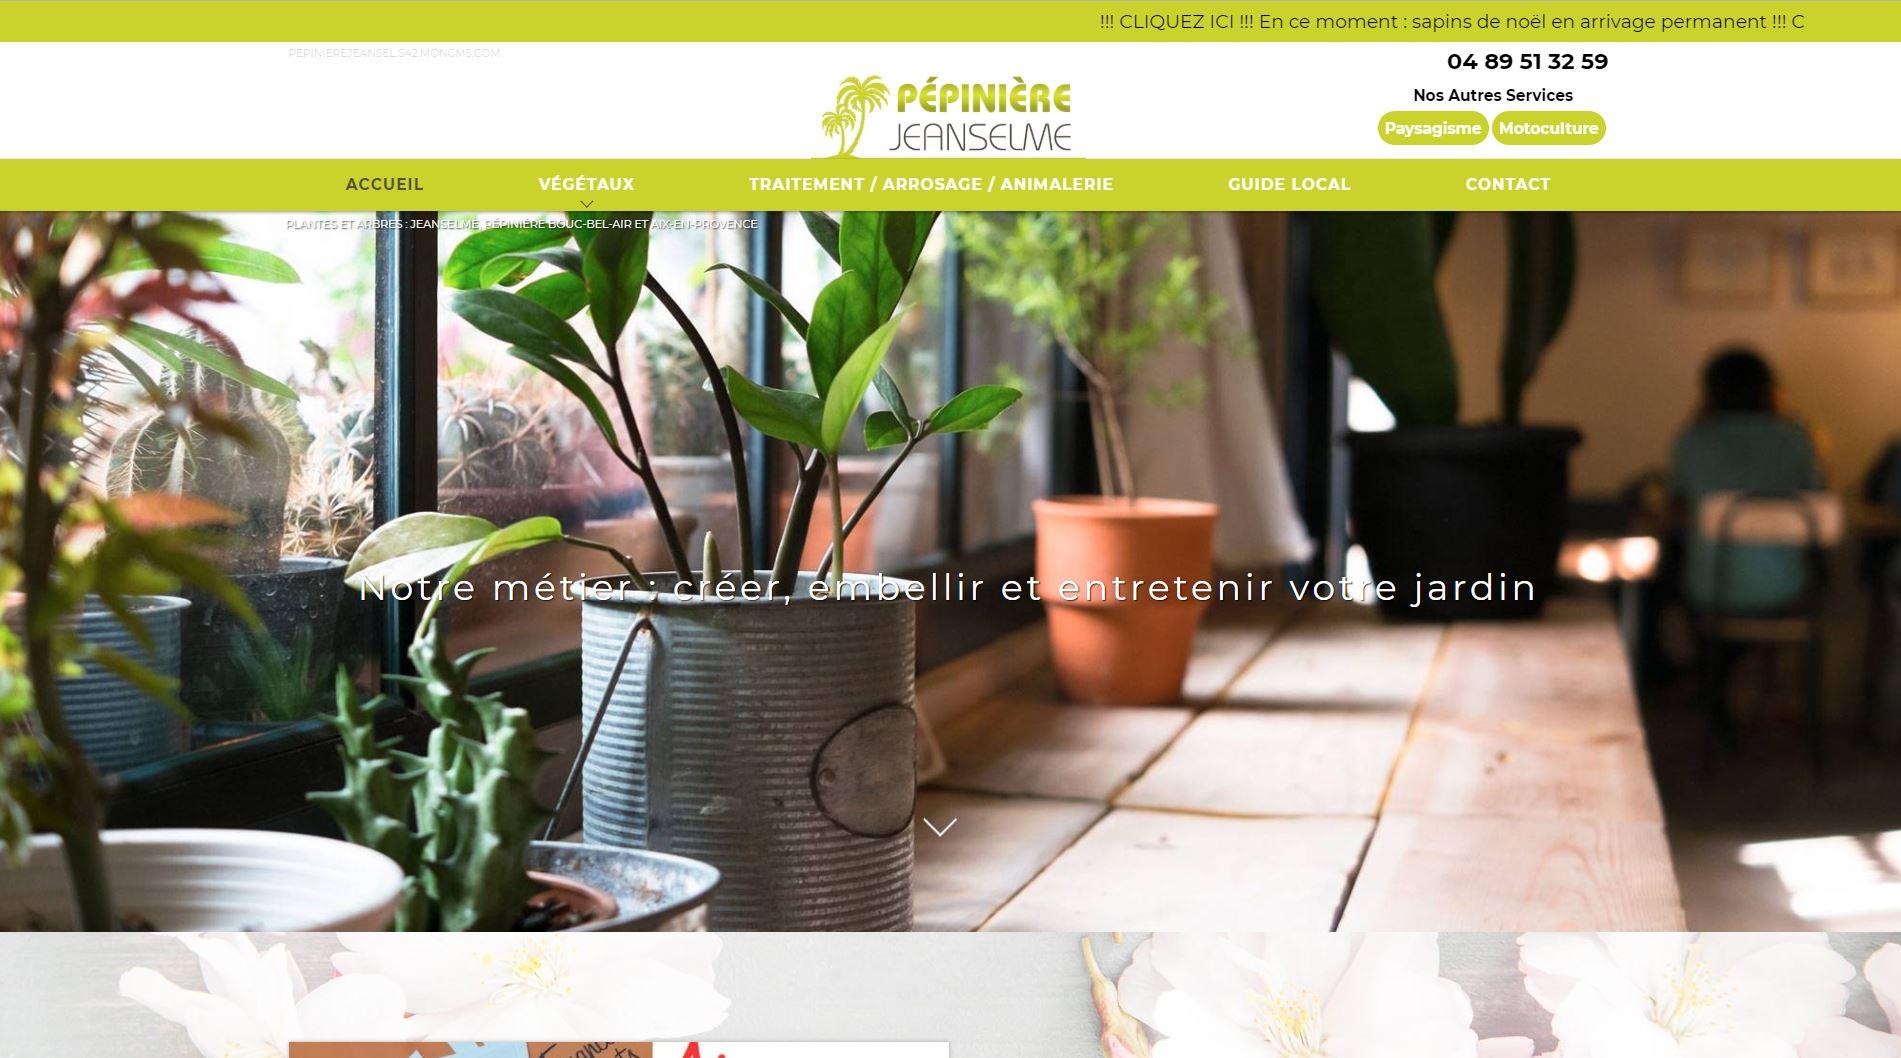 jardinerie vente d 39 arbres fruitiers aix en provence p pini re jeanselme jalis. Black Bedroom Furniture Sets. Home Design Ideas